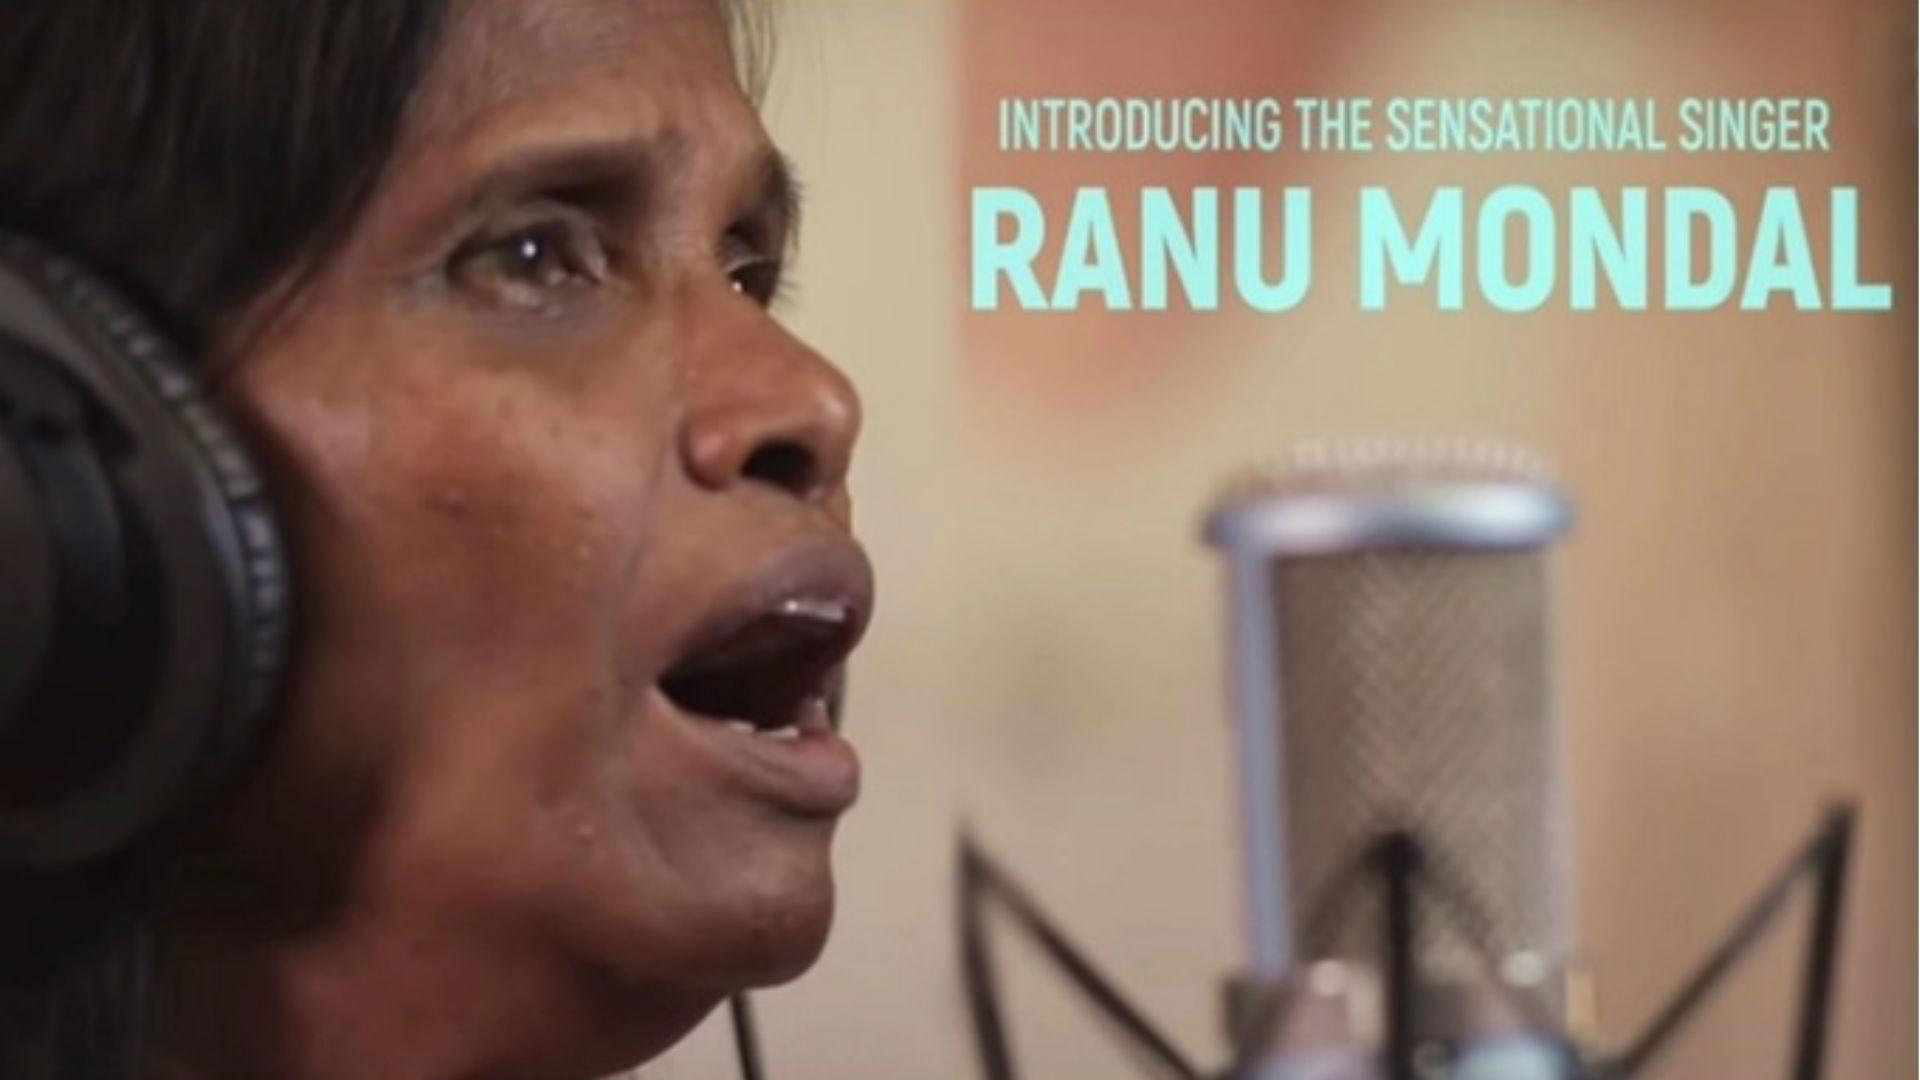 Teri Meri Kahani Teaser: रानू मंडल-हिमेश रेशमिया के गाने का टीजर लॉन्च, इस दिन रिलीज होगा गाना